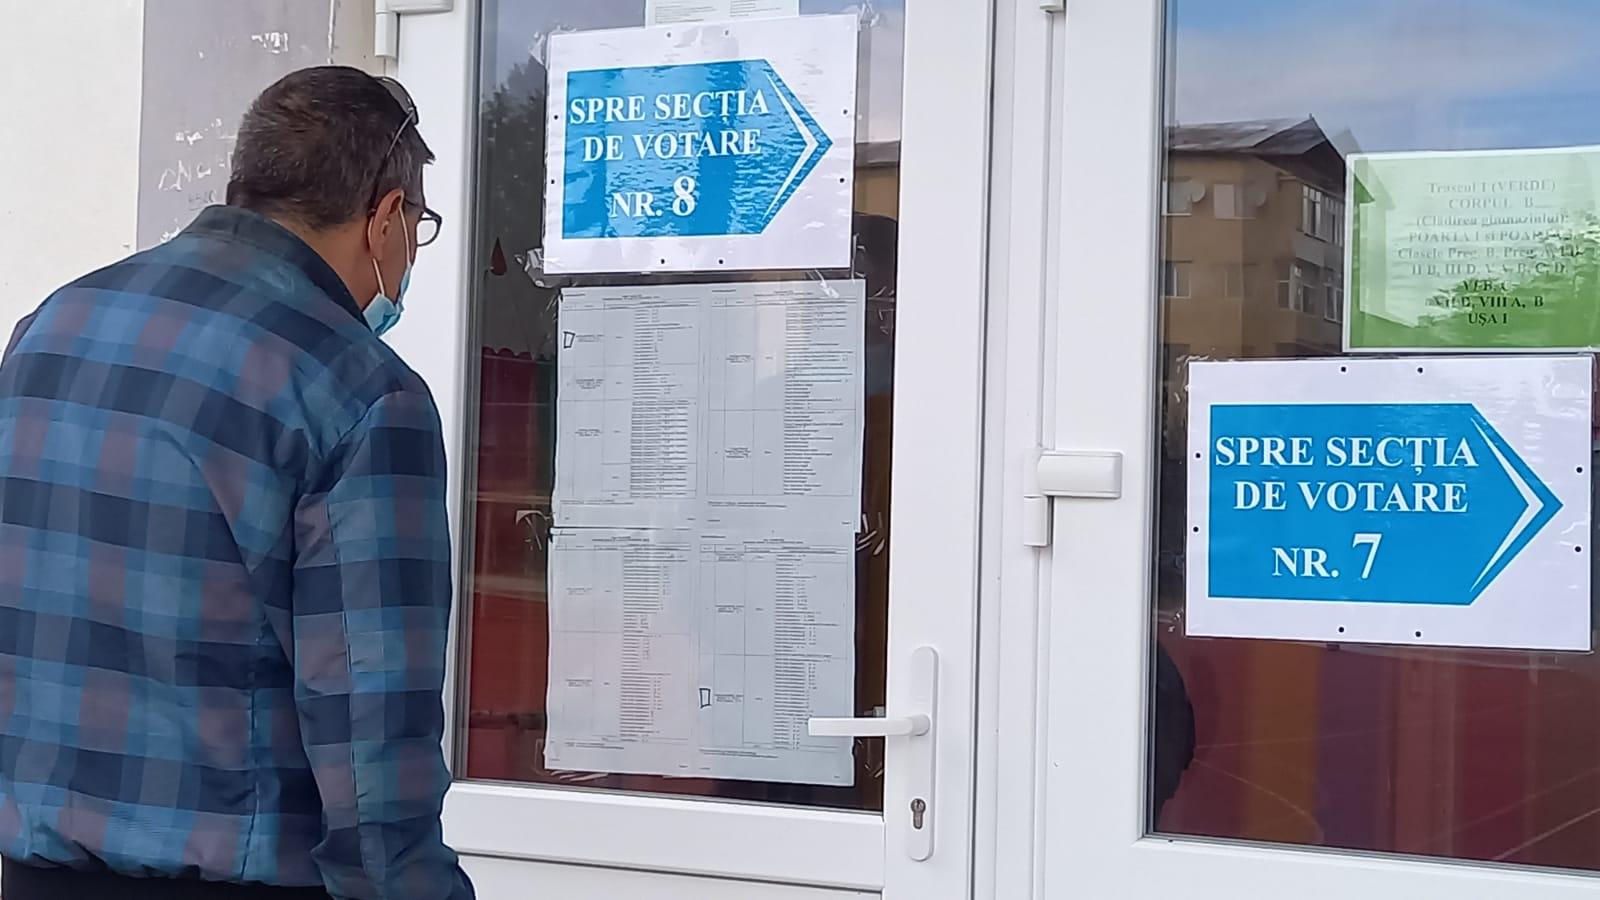 Alegeri locale 2020  Prezența la vot, cu o oră înaintea închiderii urnelor, în municipiul Deva: 35,09 la sută, iar în județ – 44,54 la sută